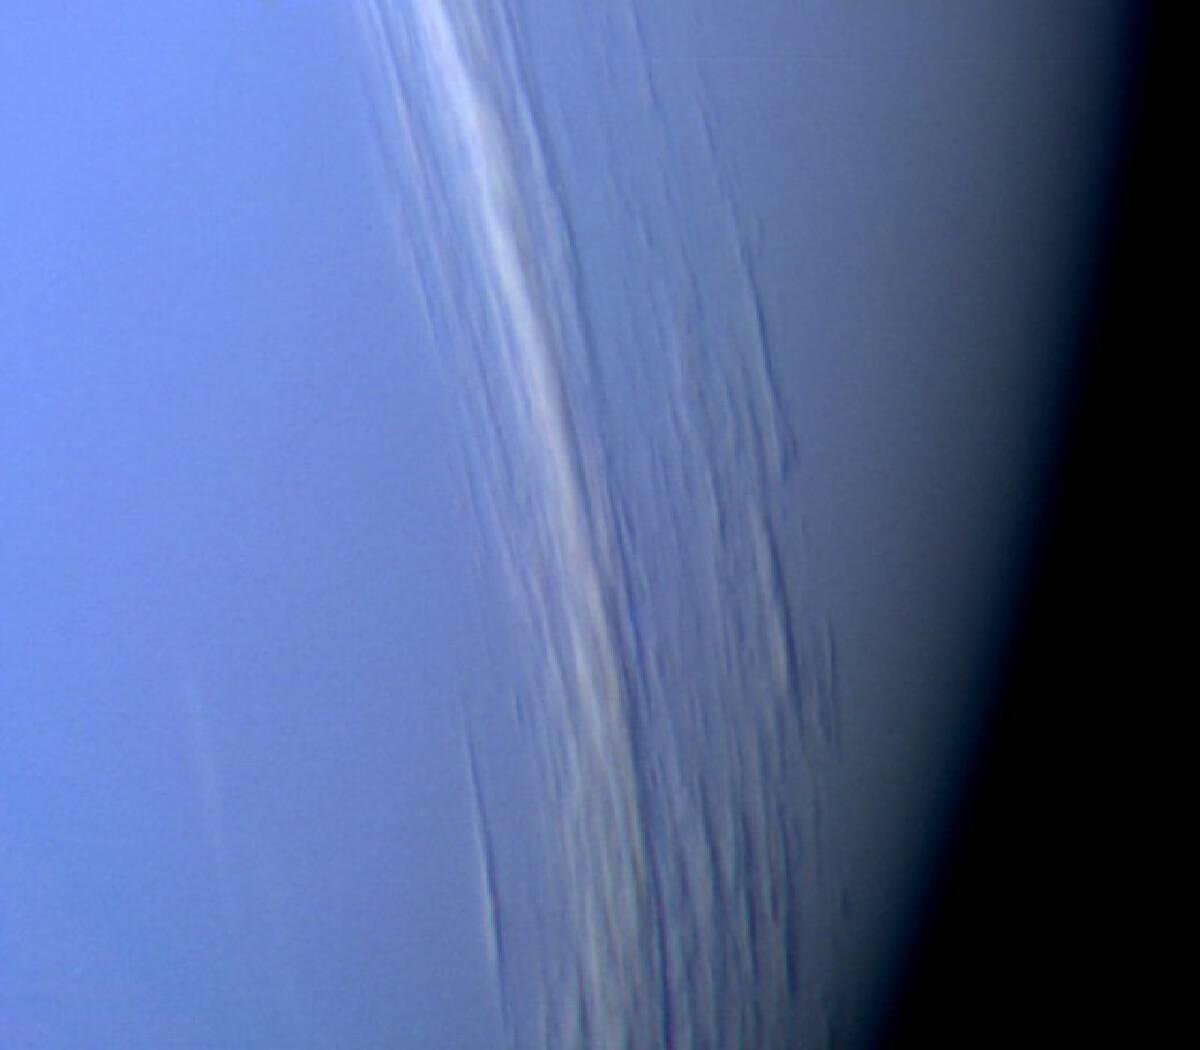 23 ก.ย. 2389 ค้นพบดาวเนปจูน